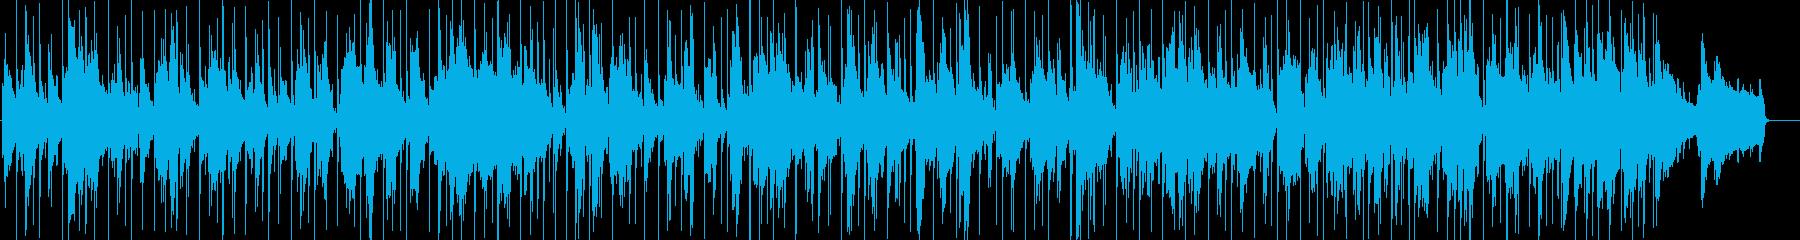 おしゃれでアダルトな雰囲気のBGMの再生済みの波形